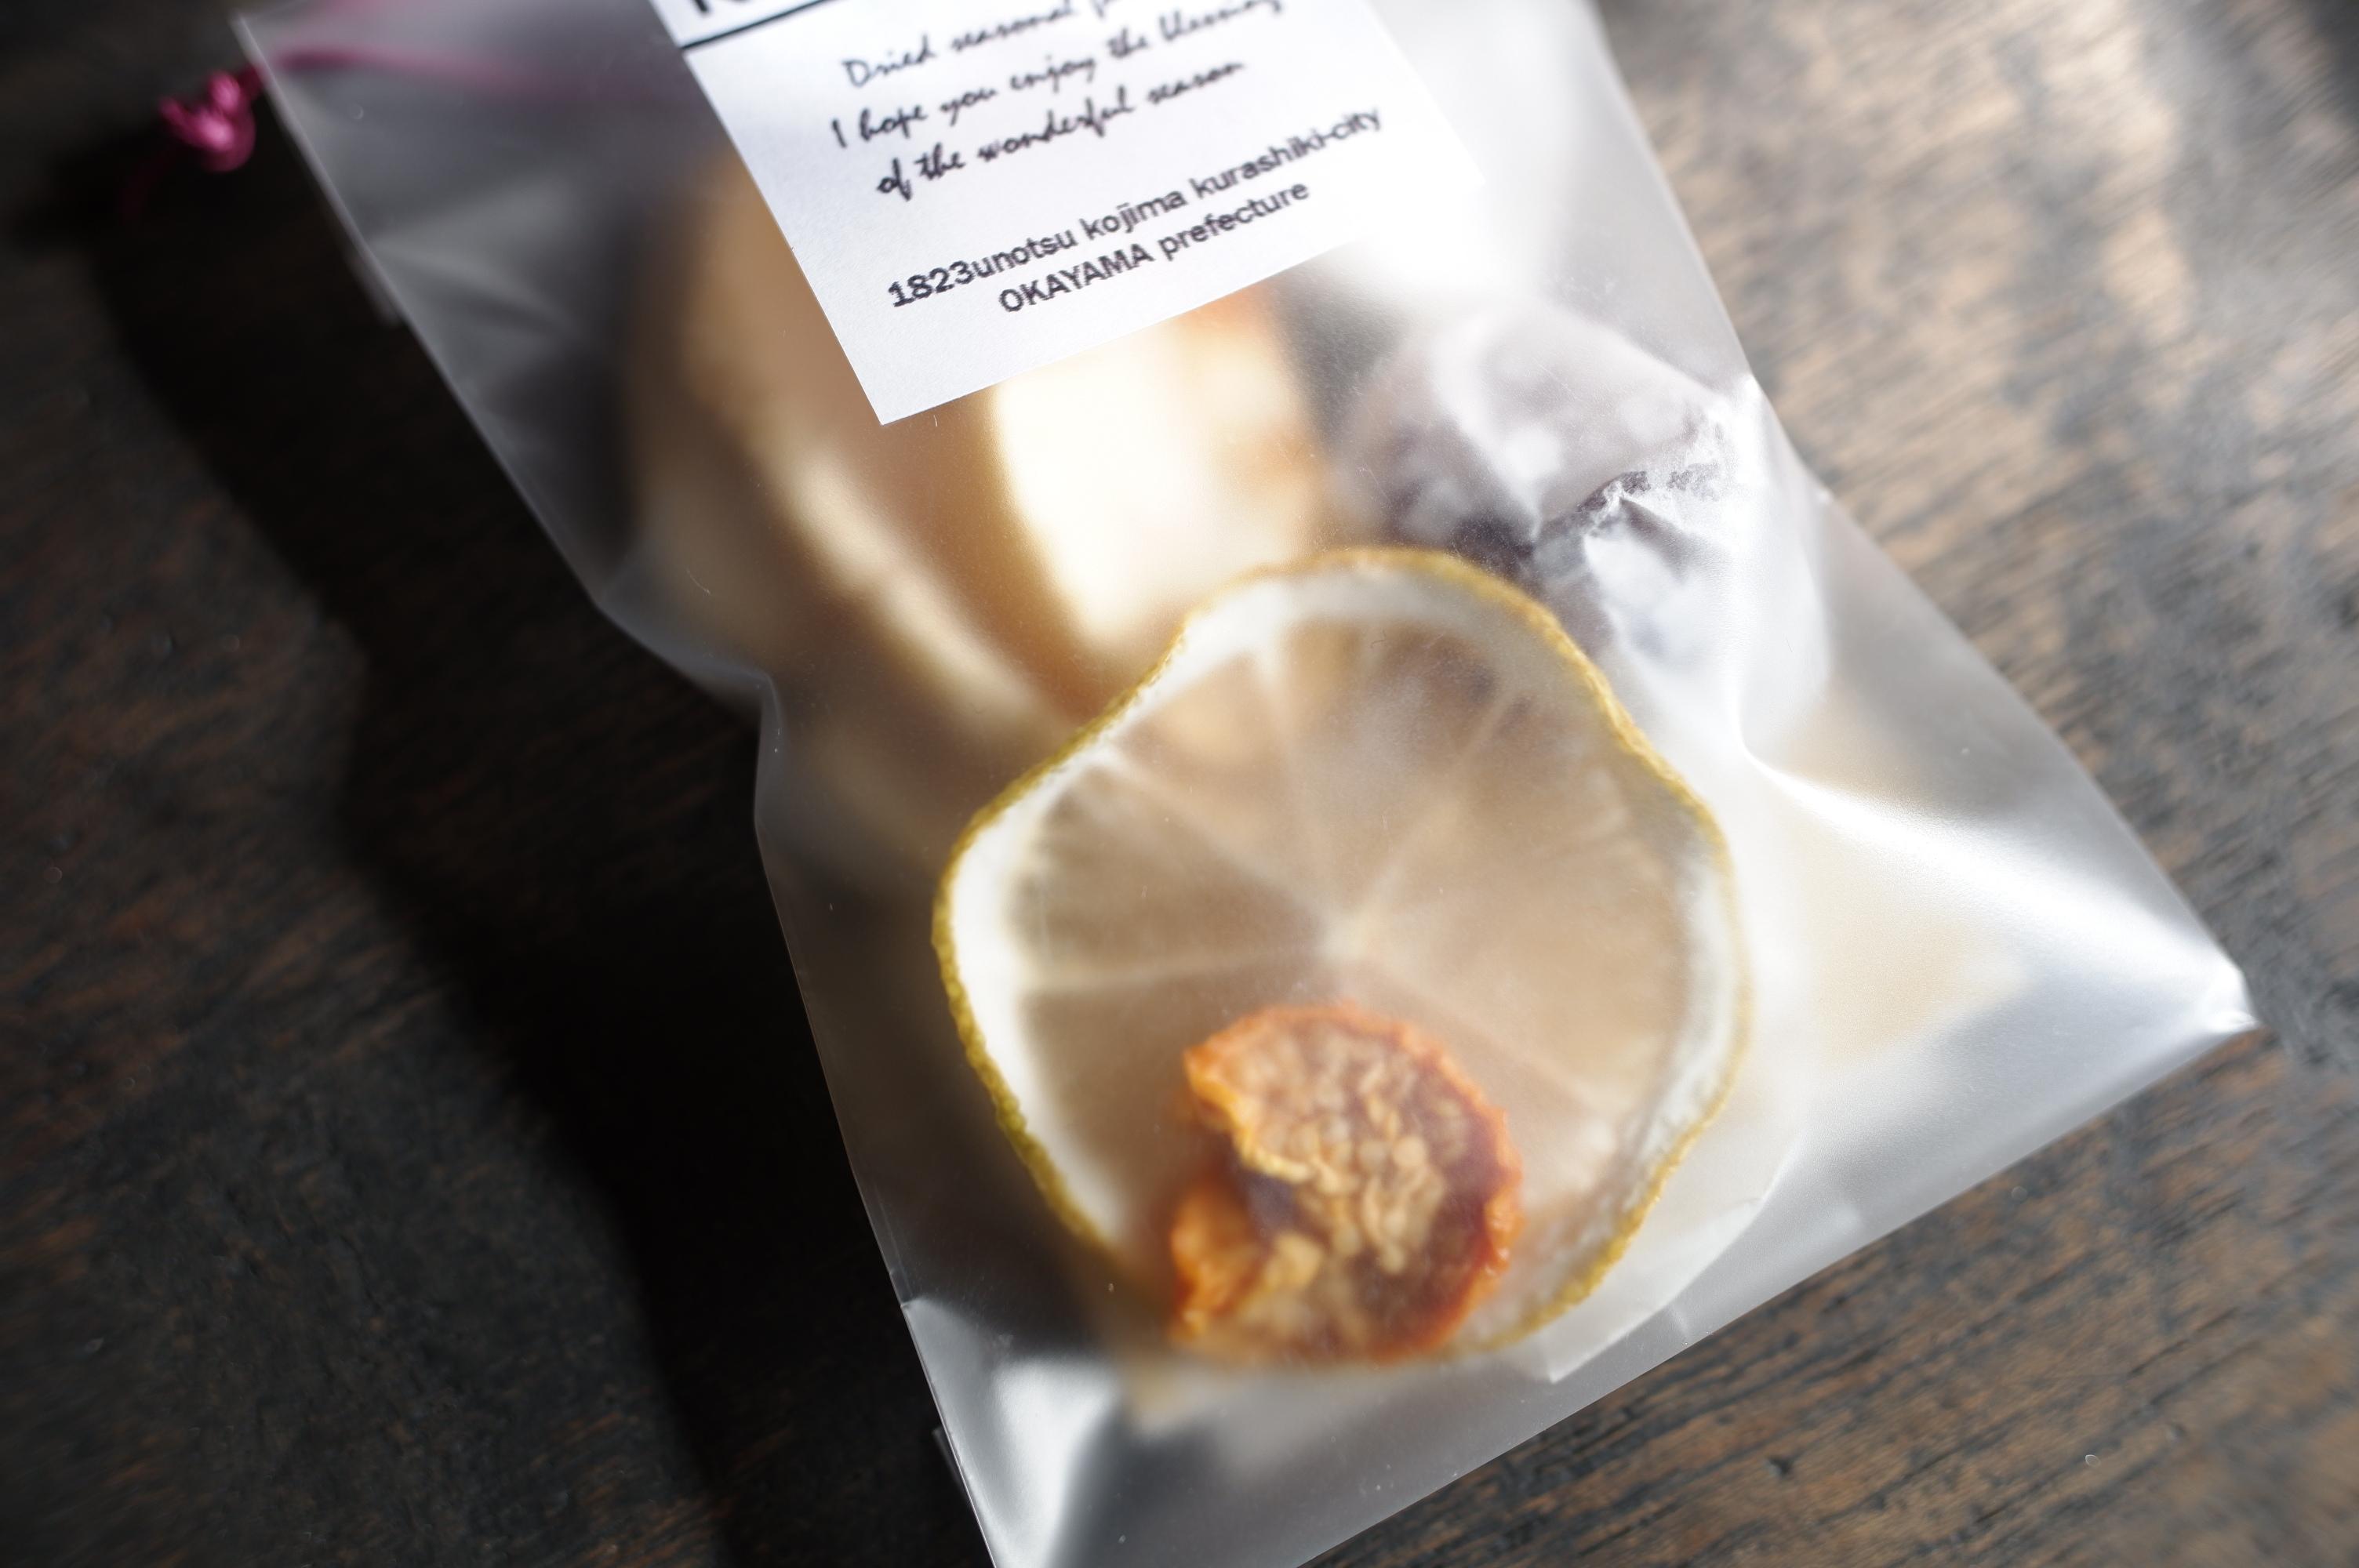 木の雫 こだわりのドライフルーツ 小 〈 ぶどう・りんご・レモン・ほおずき〉